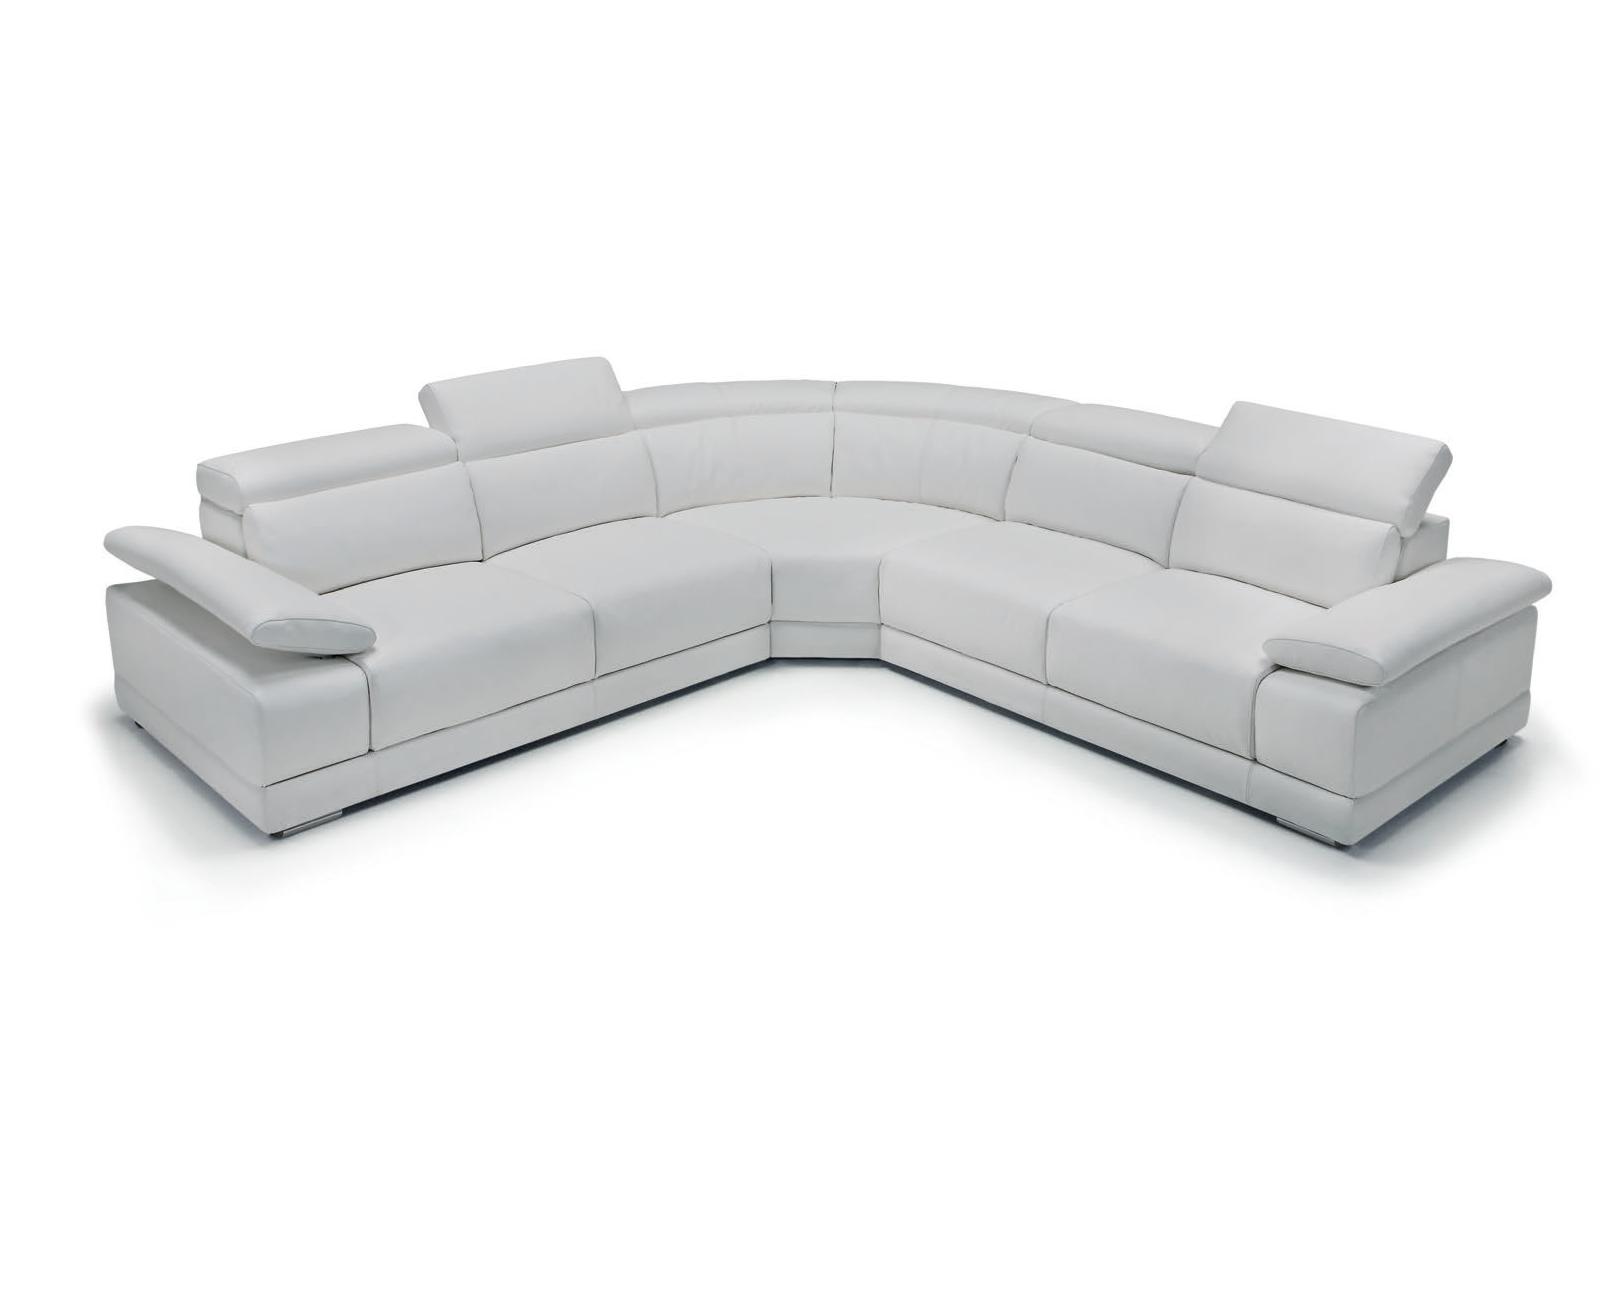 Grazia divano angolare